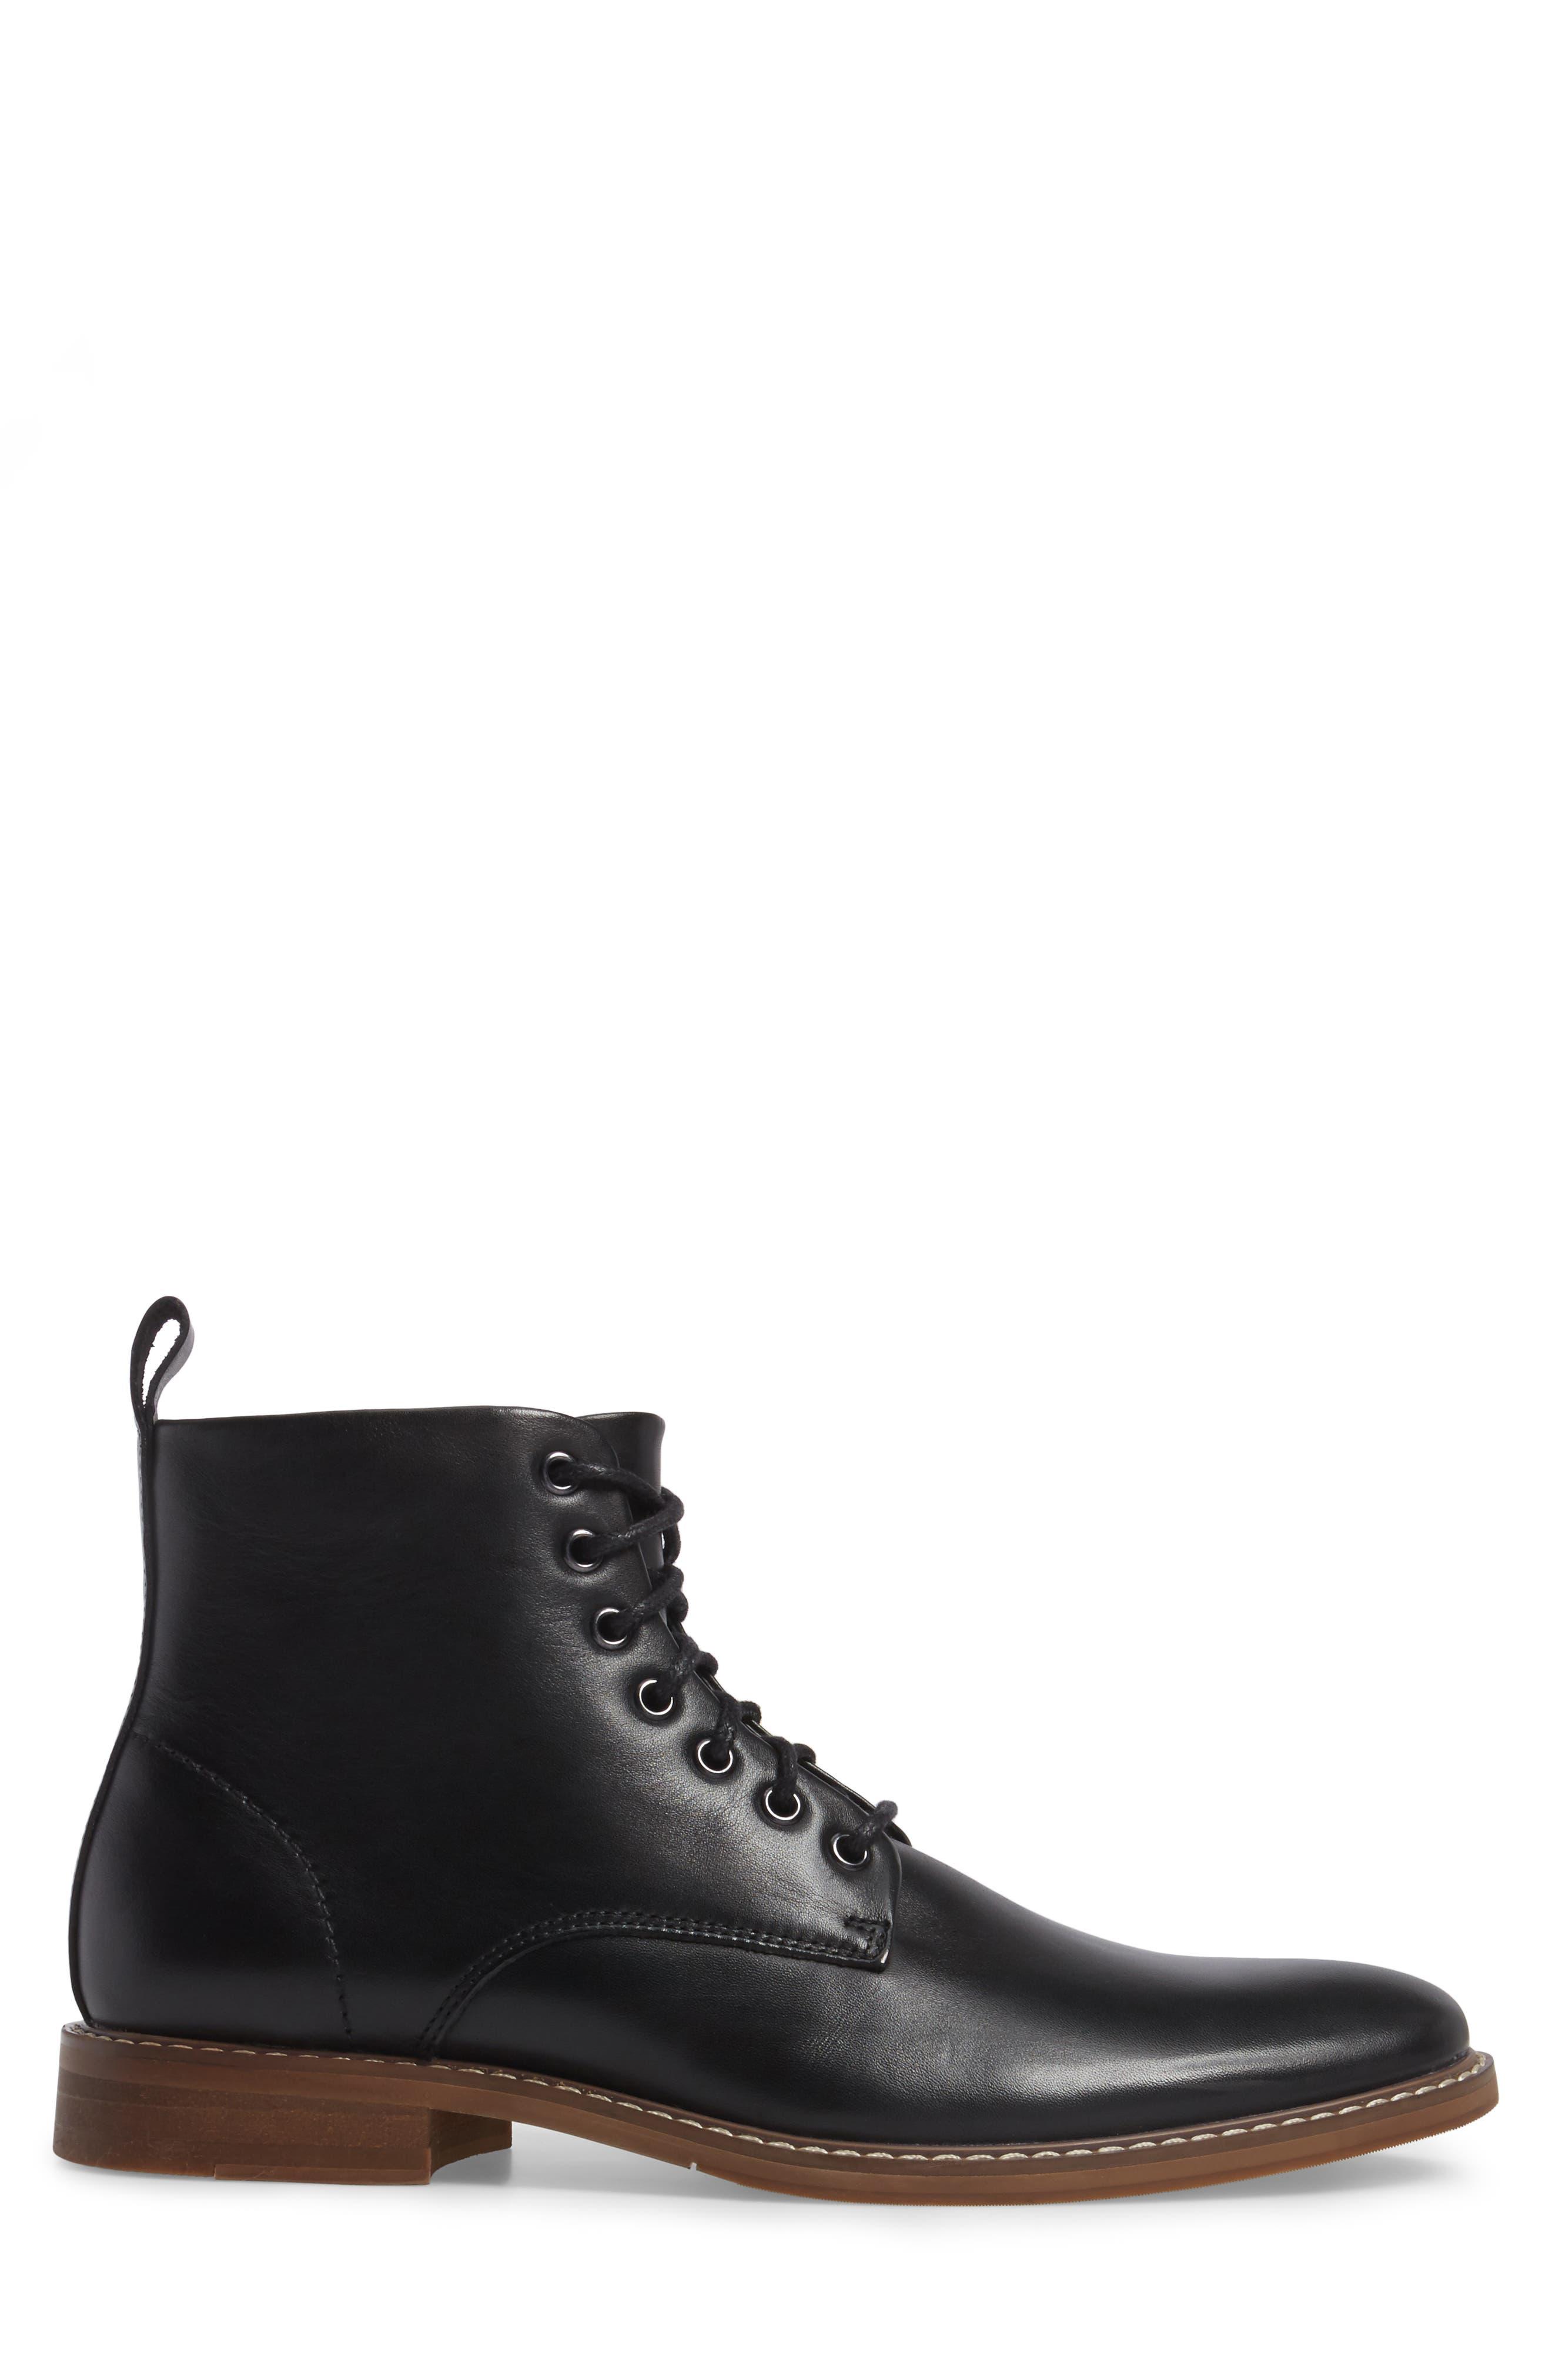 Albany Plain Toe Boot,                             Alternate thumbnail 3, color,                             Black Leather